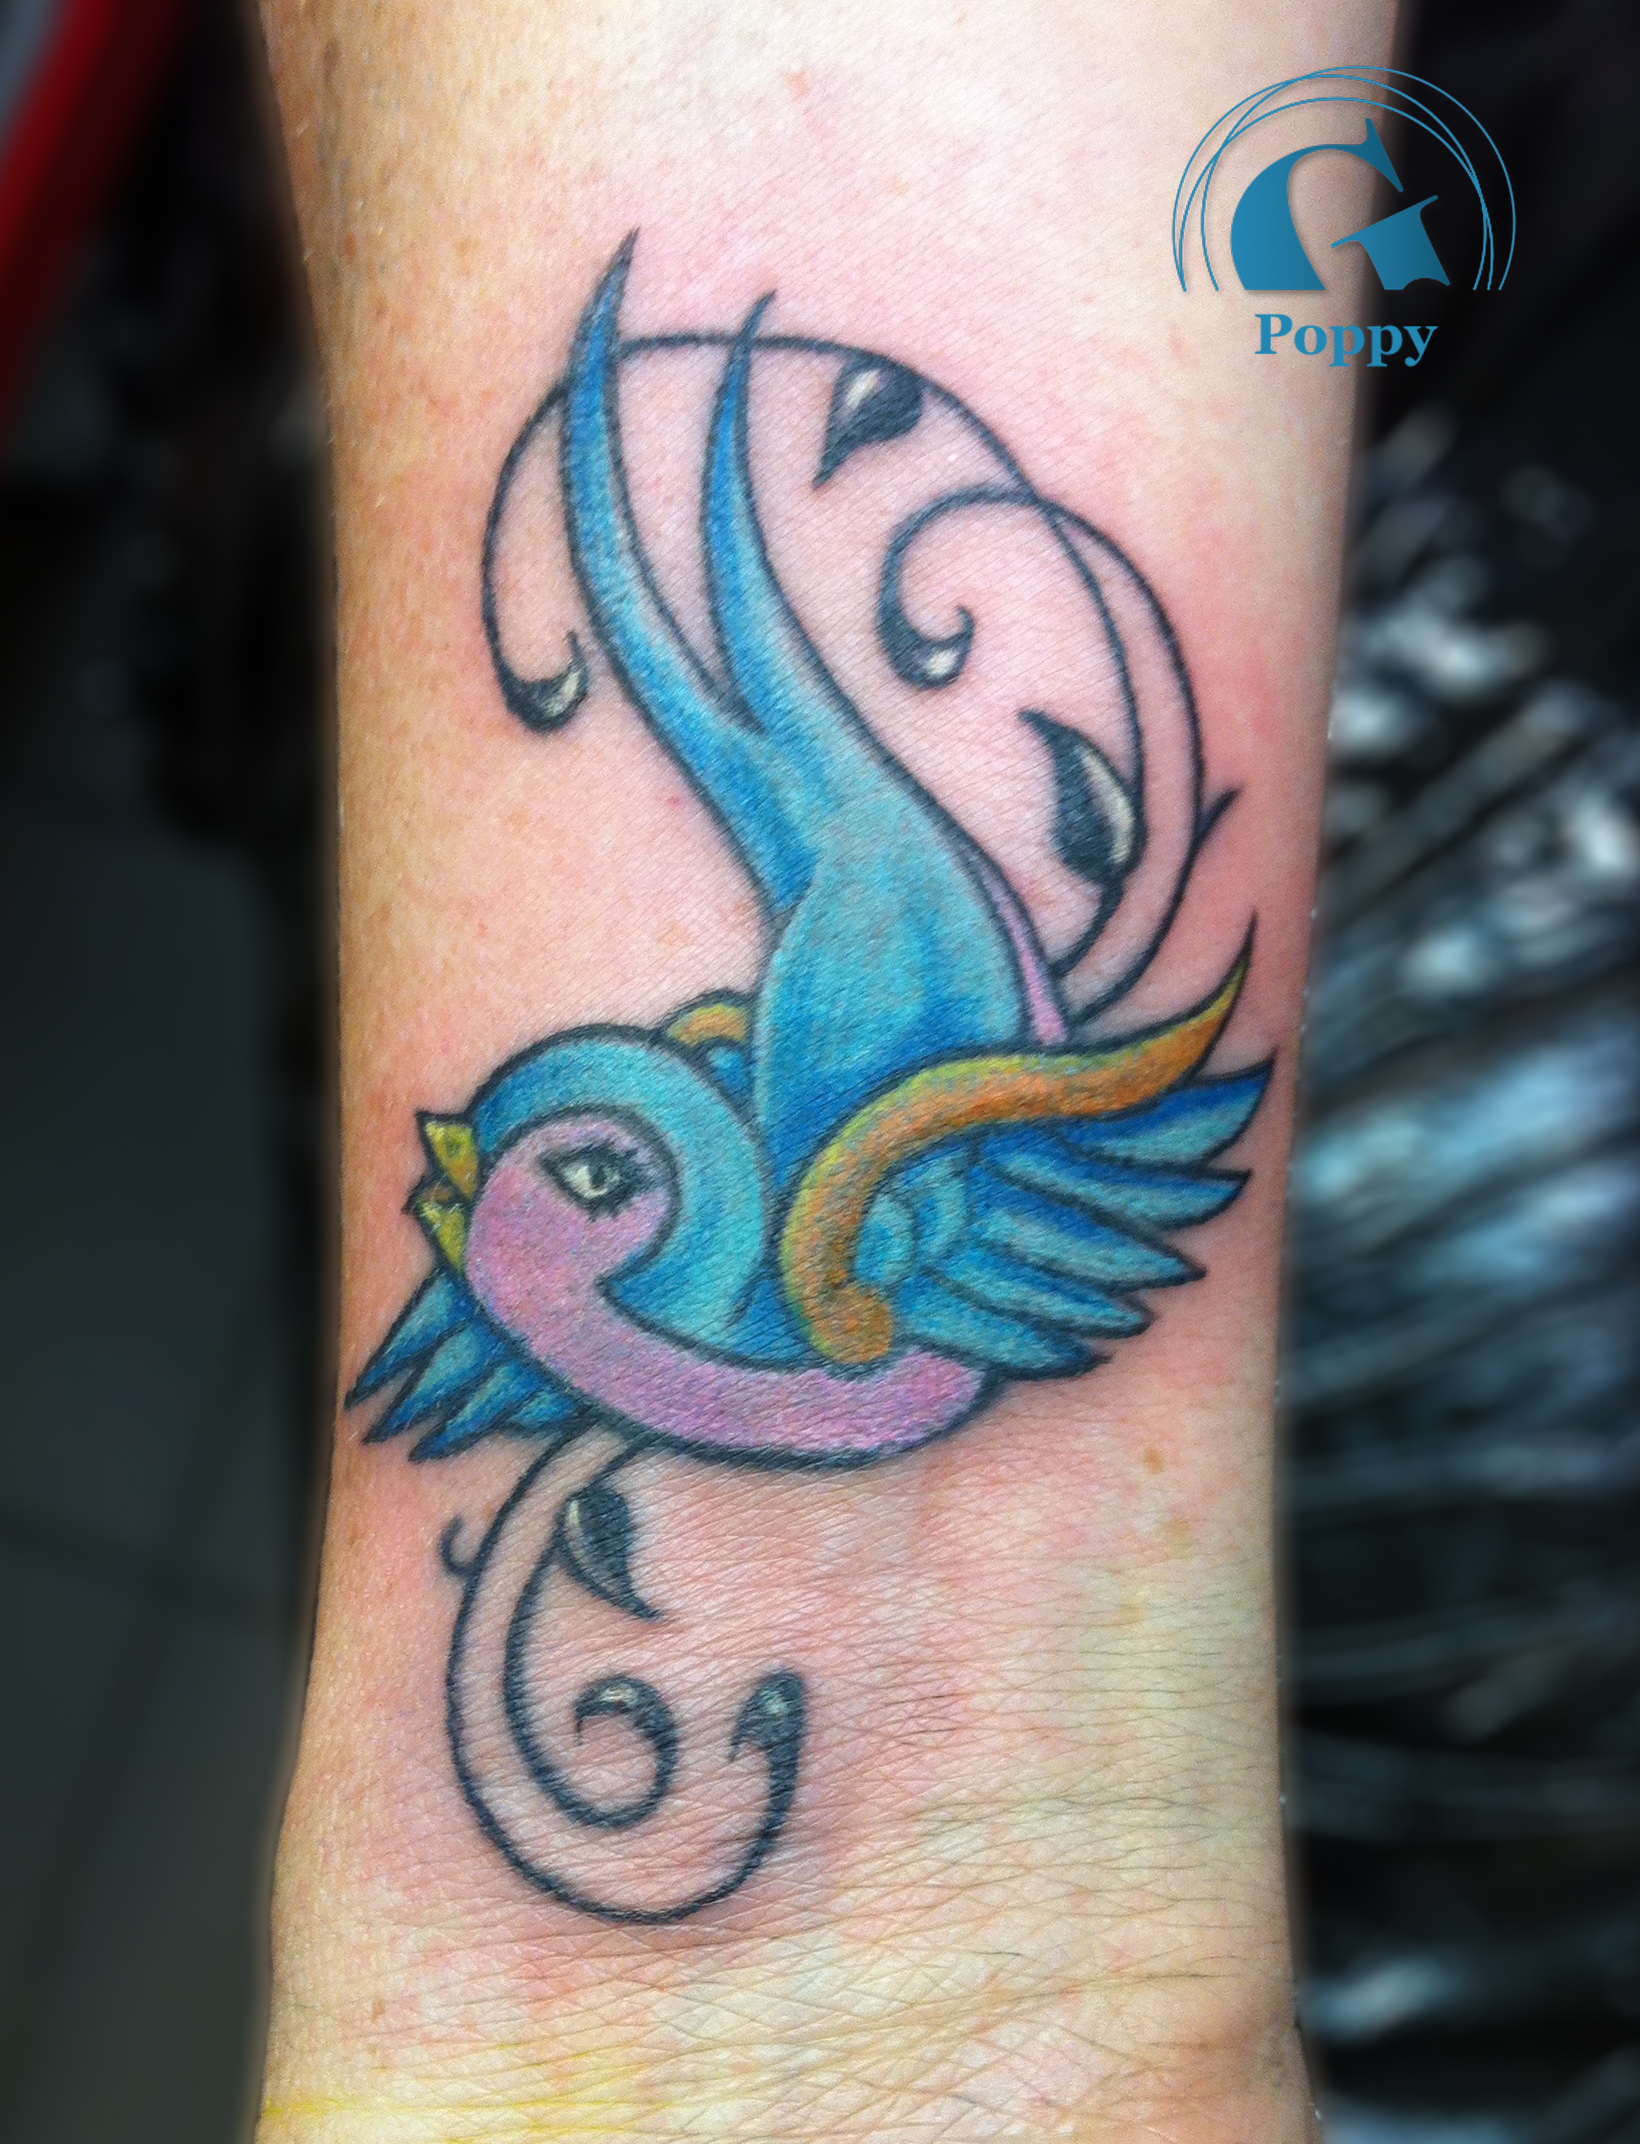 3d tatouage victoria beckham nuque signification galerie tatouage - Tatouage hirondelle signification ...